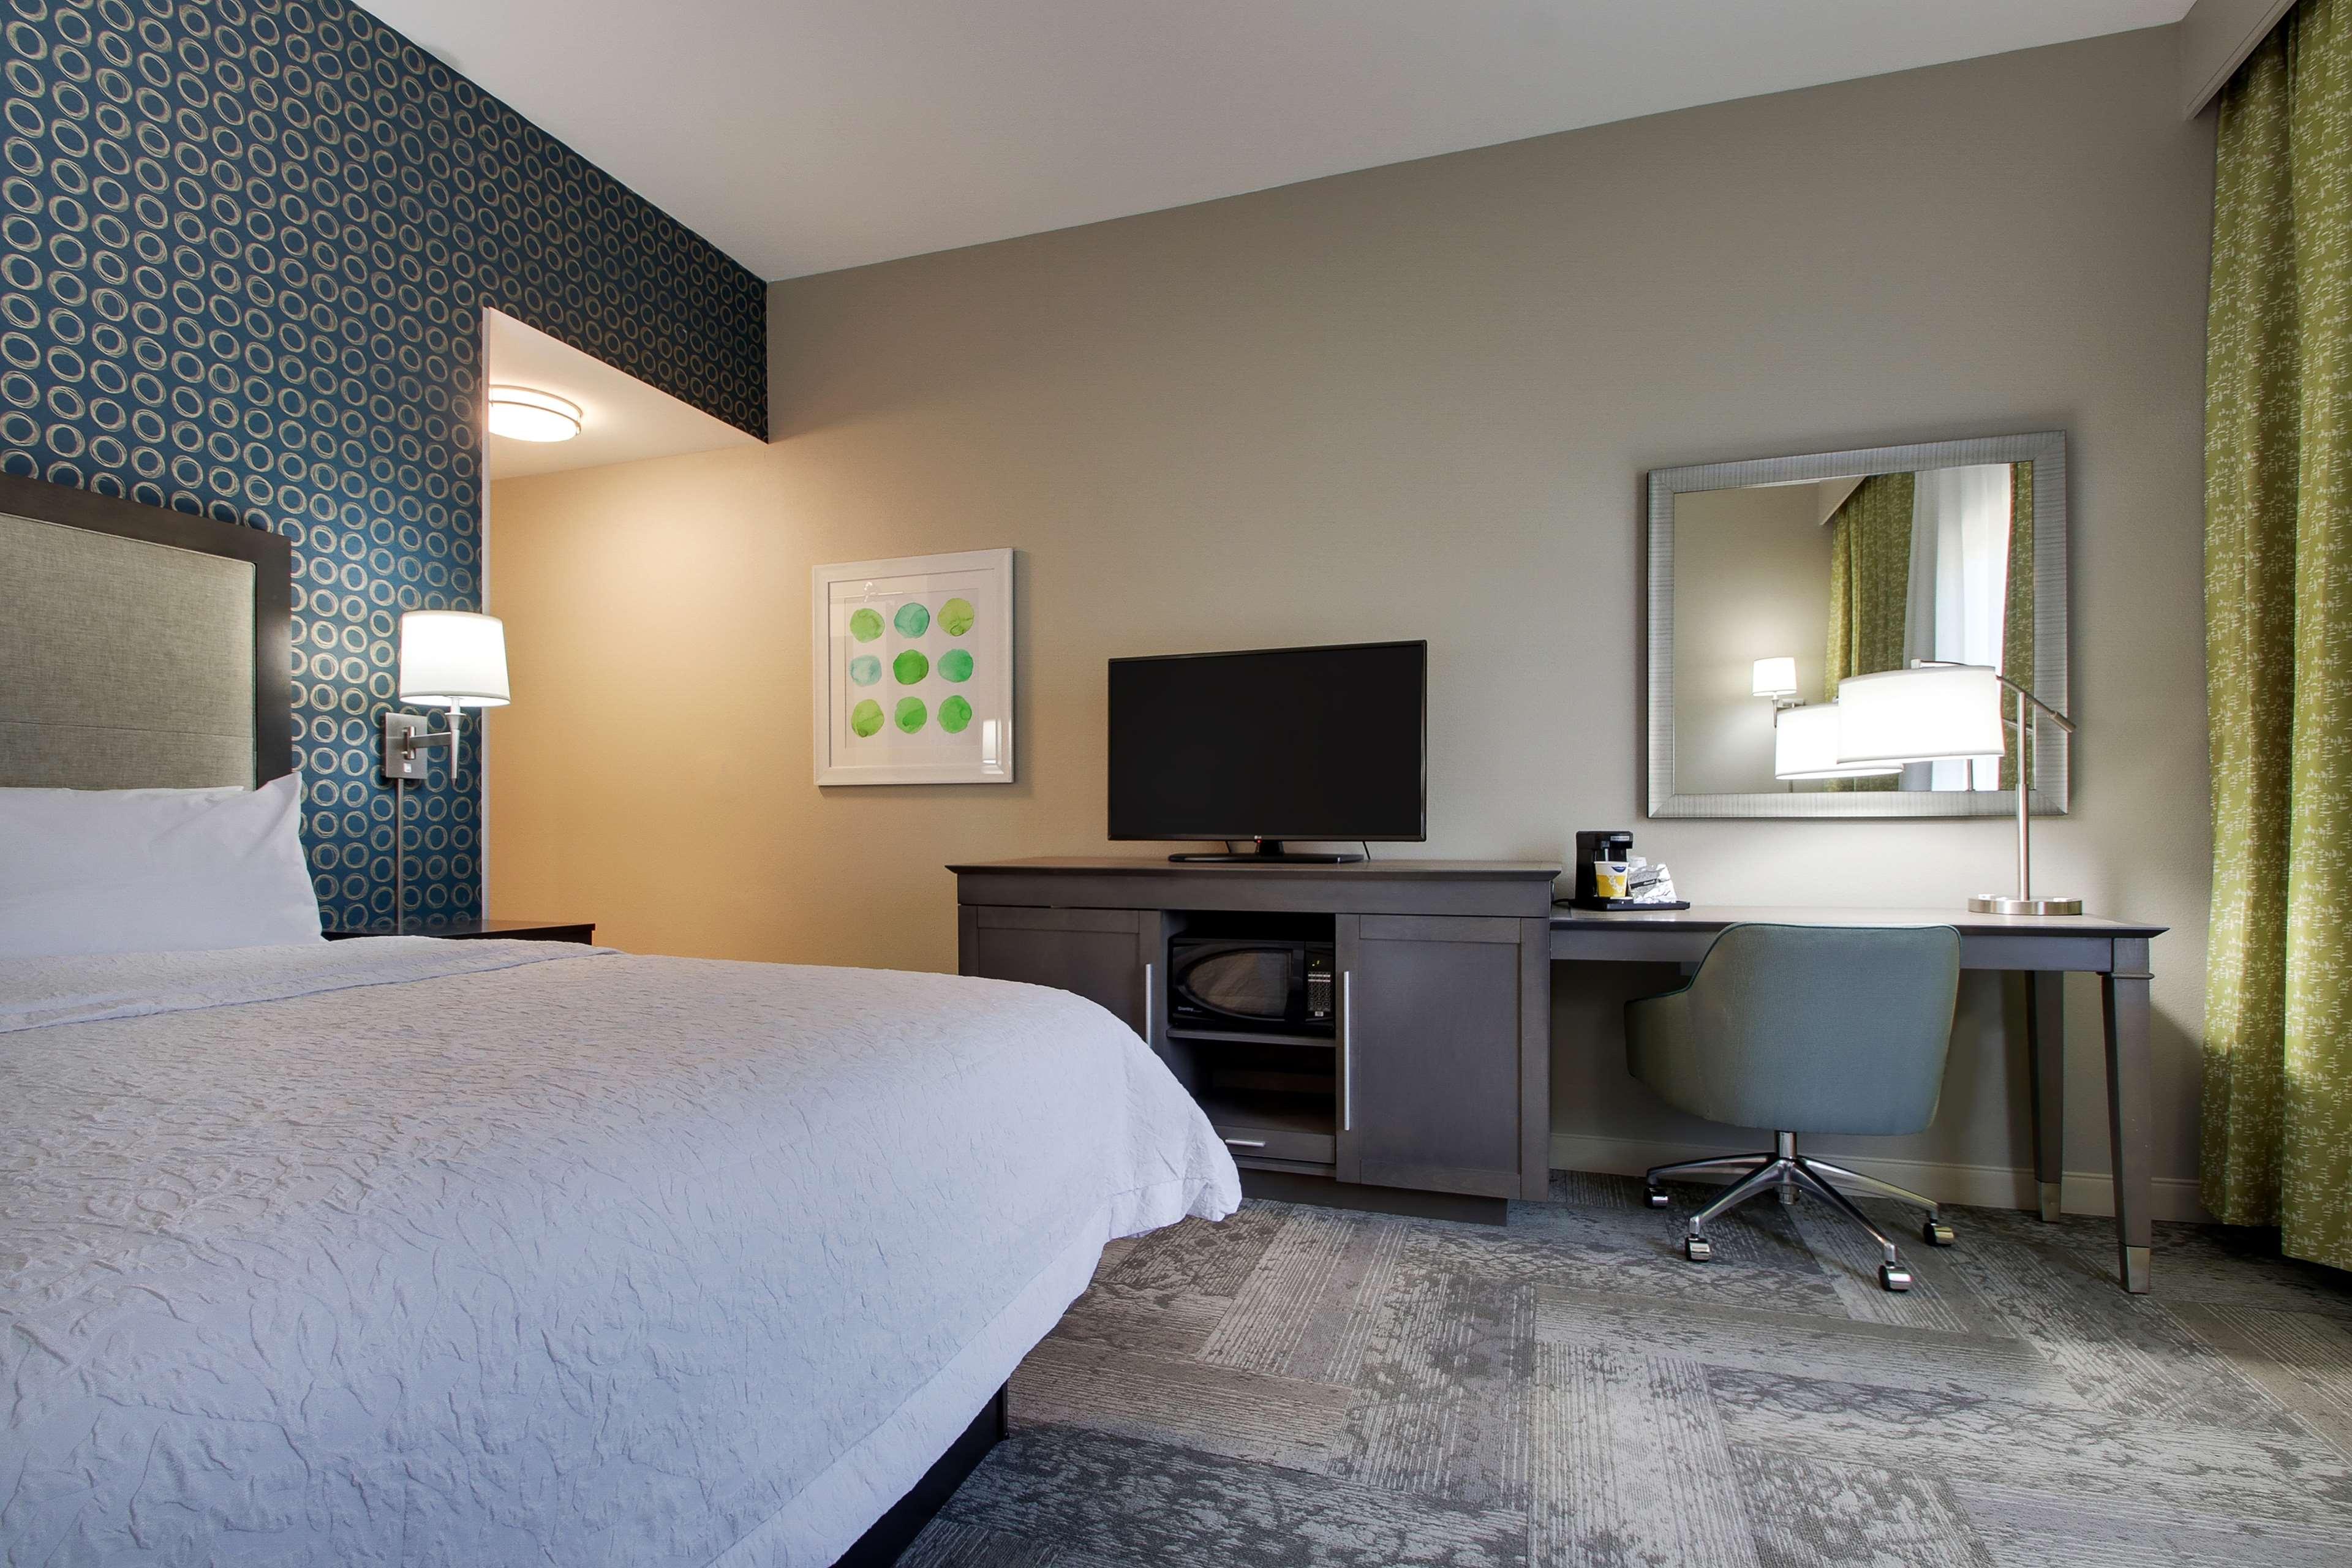 Hampton Inn & Suites Knightdale Raleigh image 27